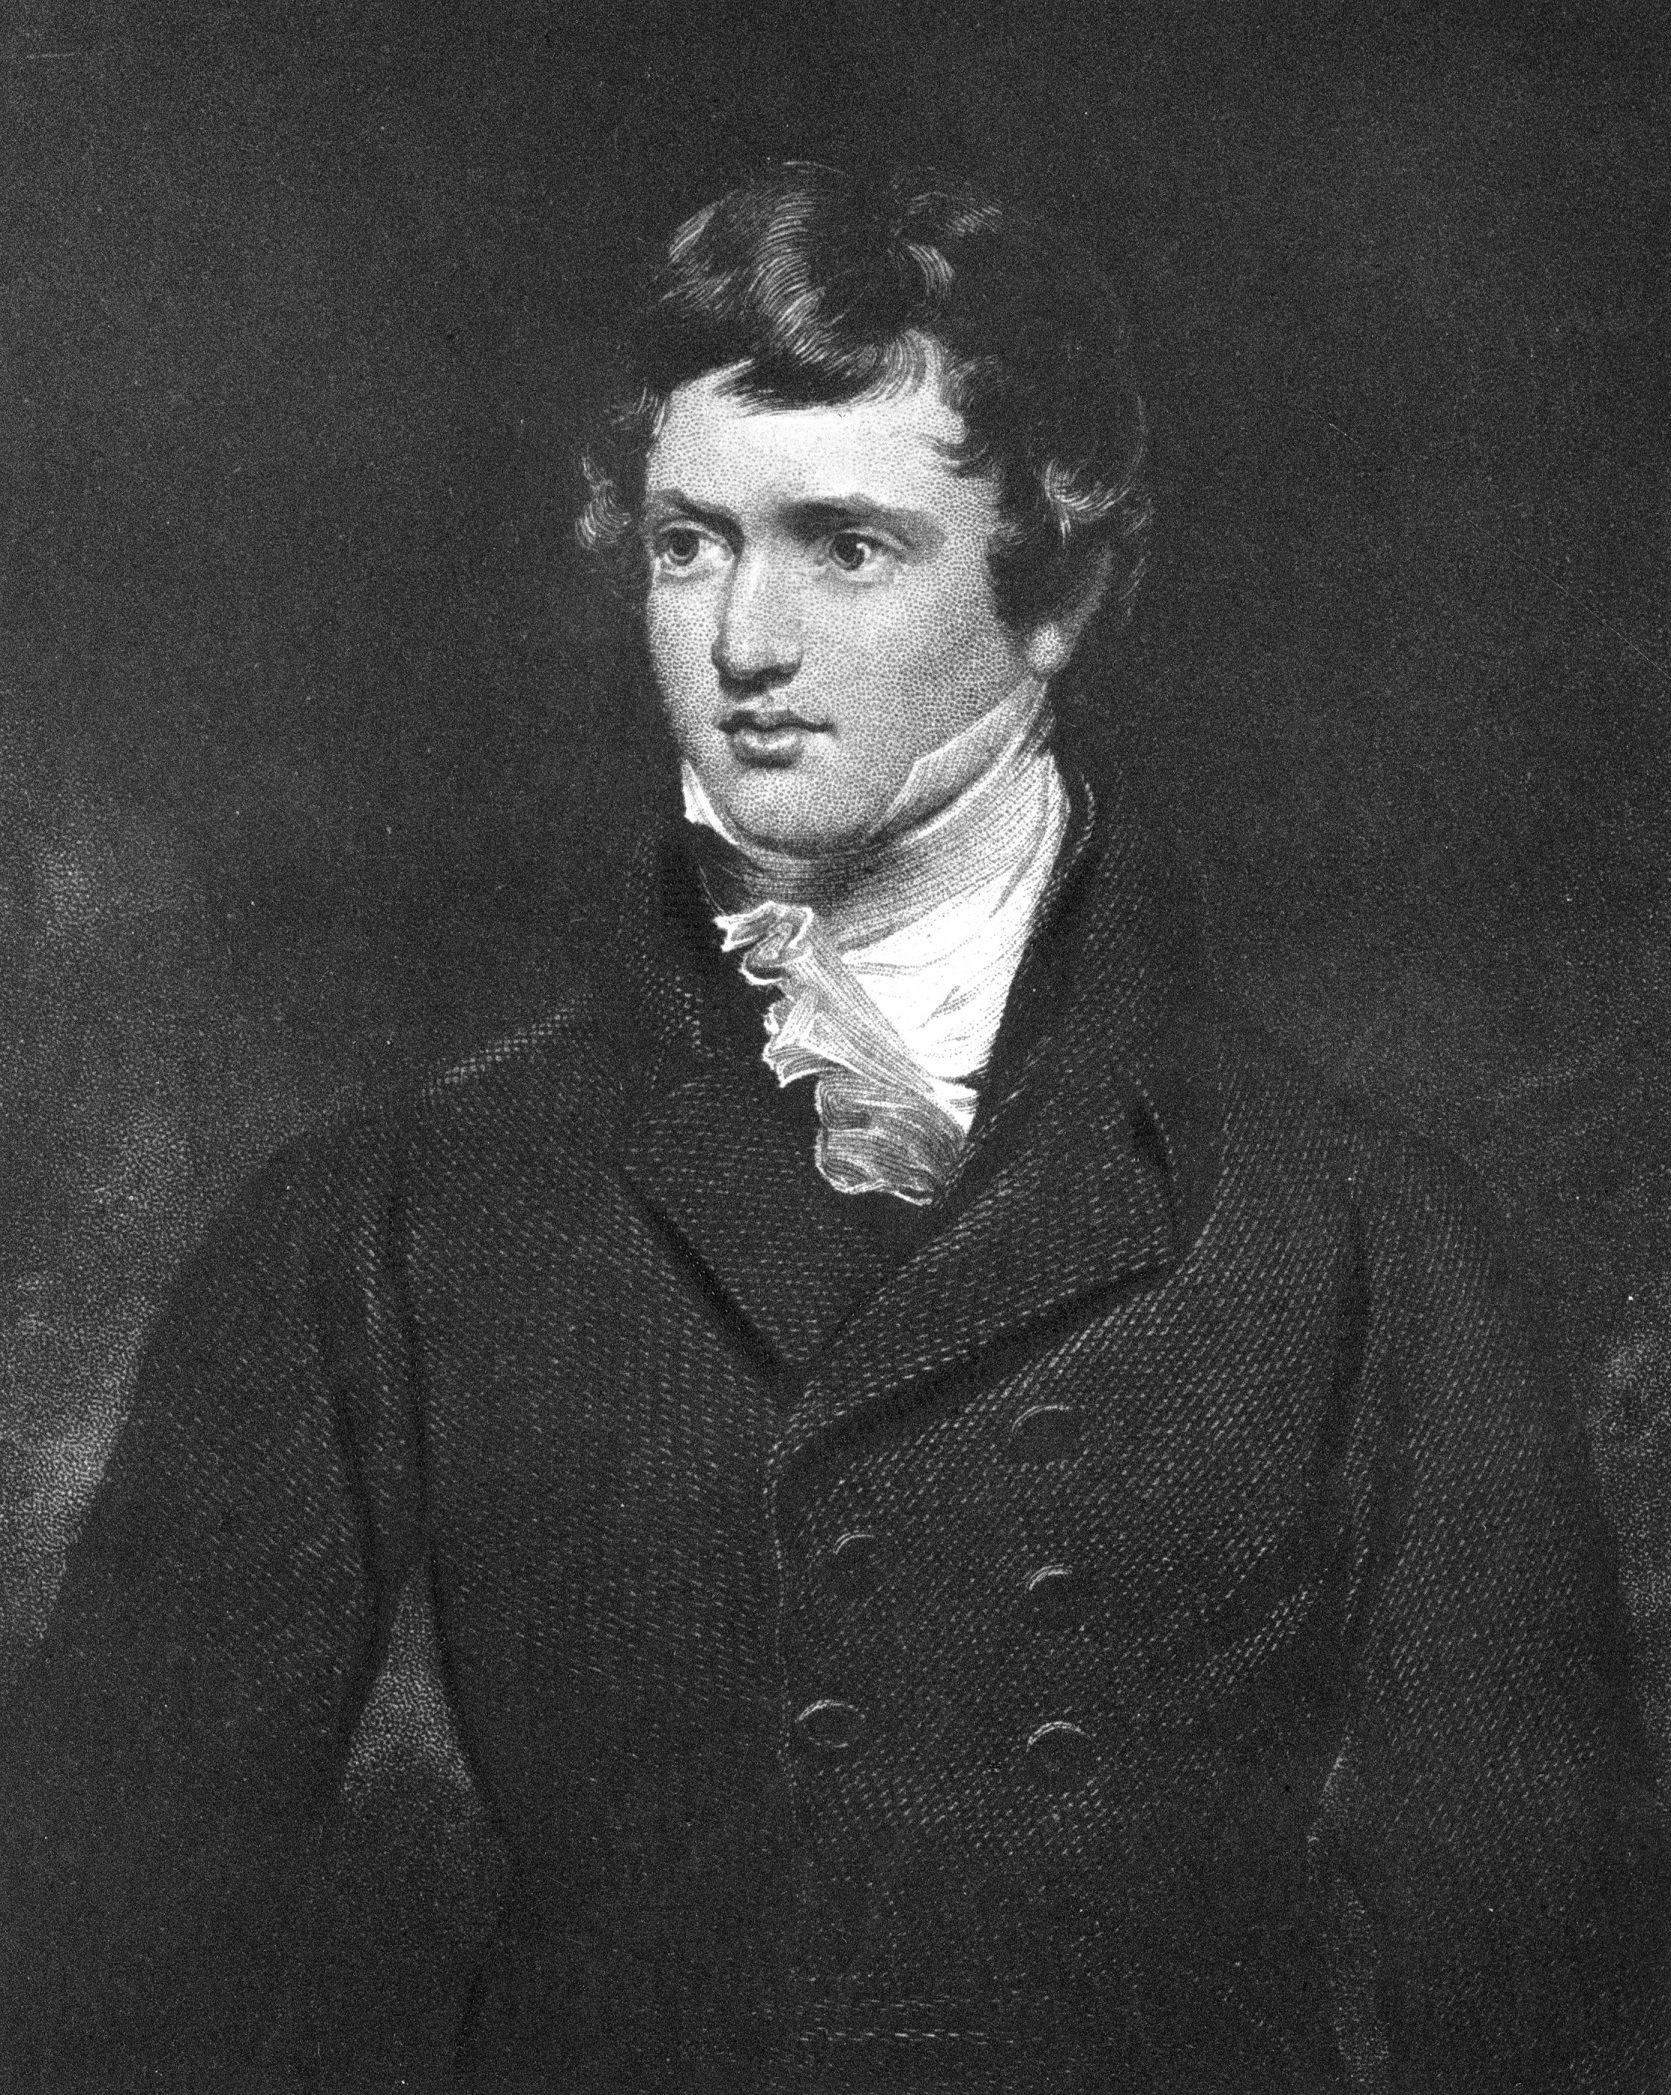 Edward Geoffrey Smith Stanley Derby (1799 - 1869), 14th Earl of Derby